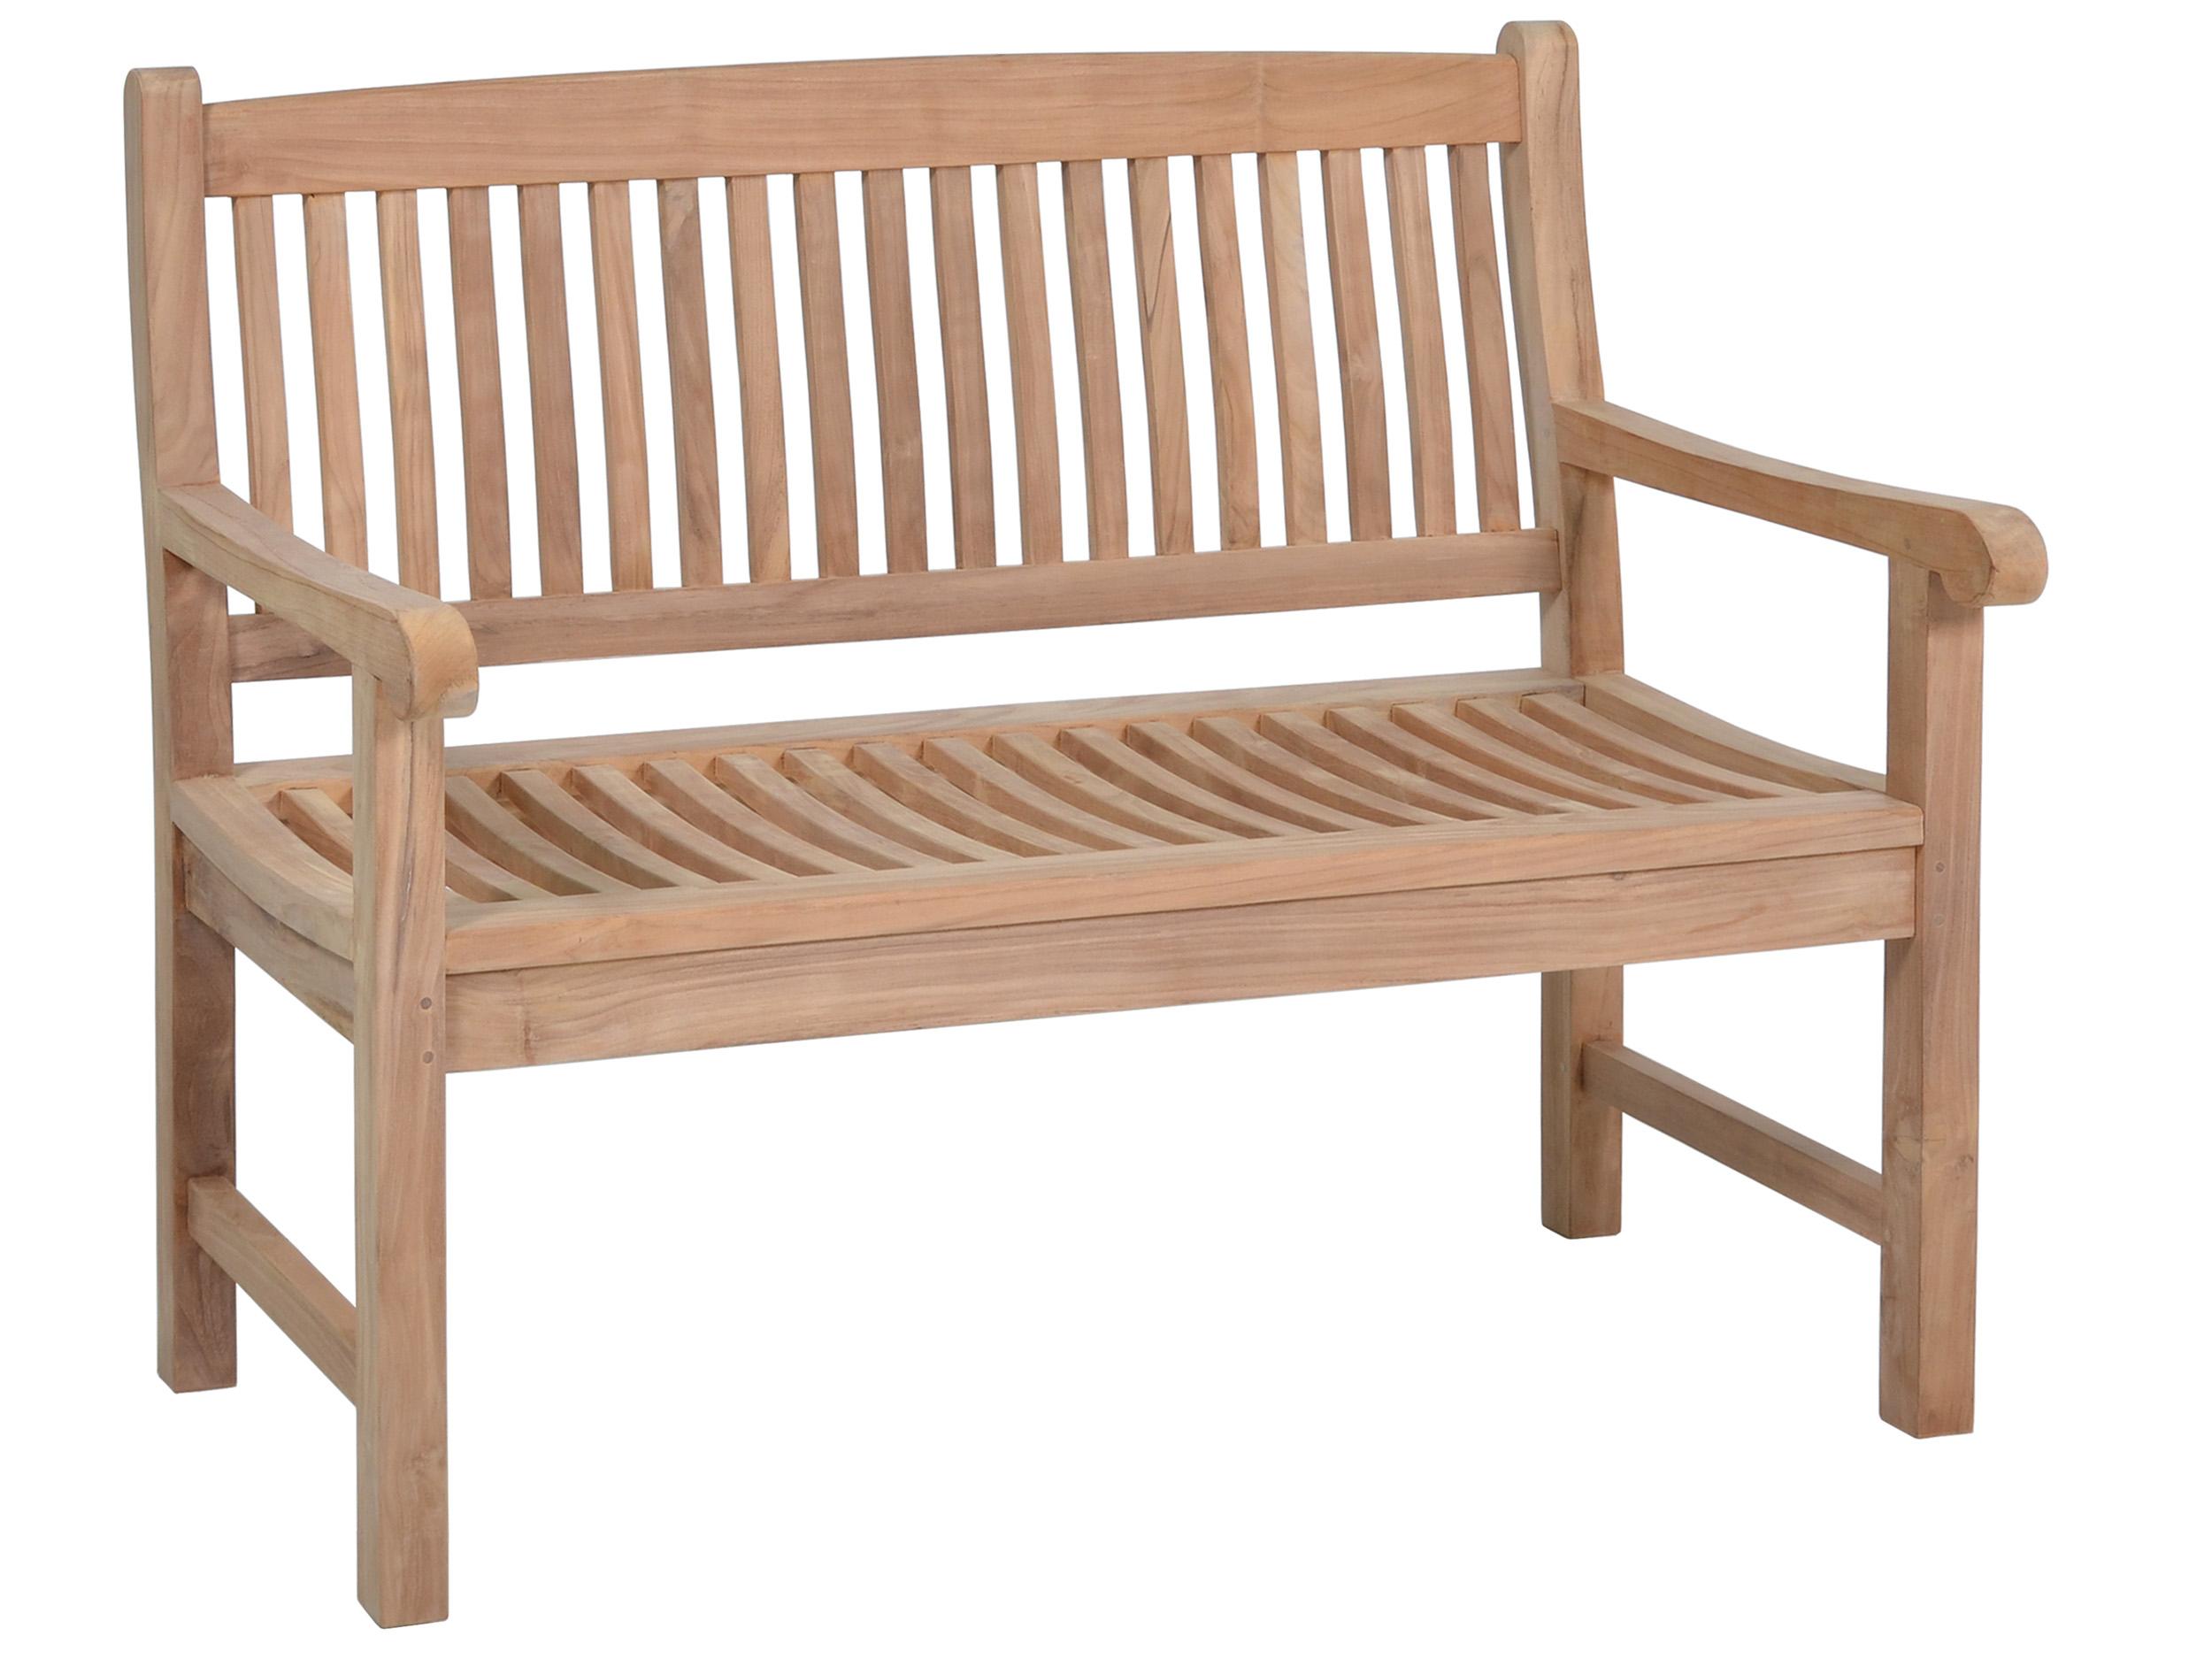 teakholz gartenbank fiona 120cm 2 sitzer gartenm bel l nse. Black Bedroom Furniture Sets. Home Design Ideas